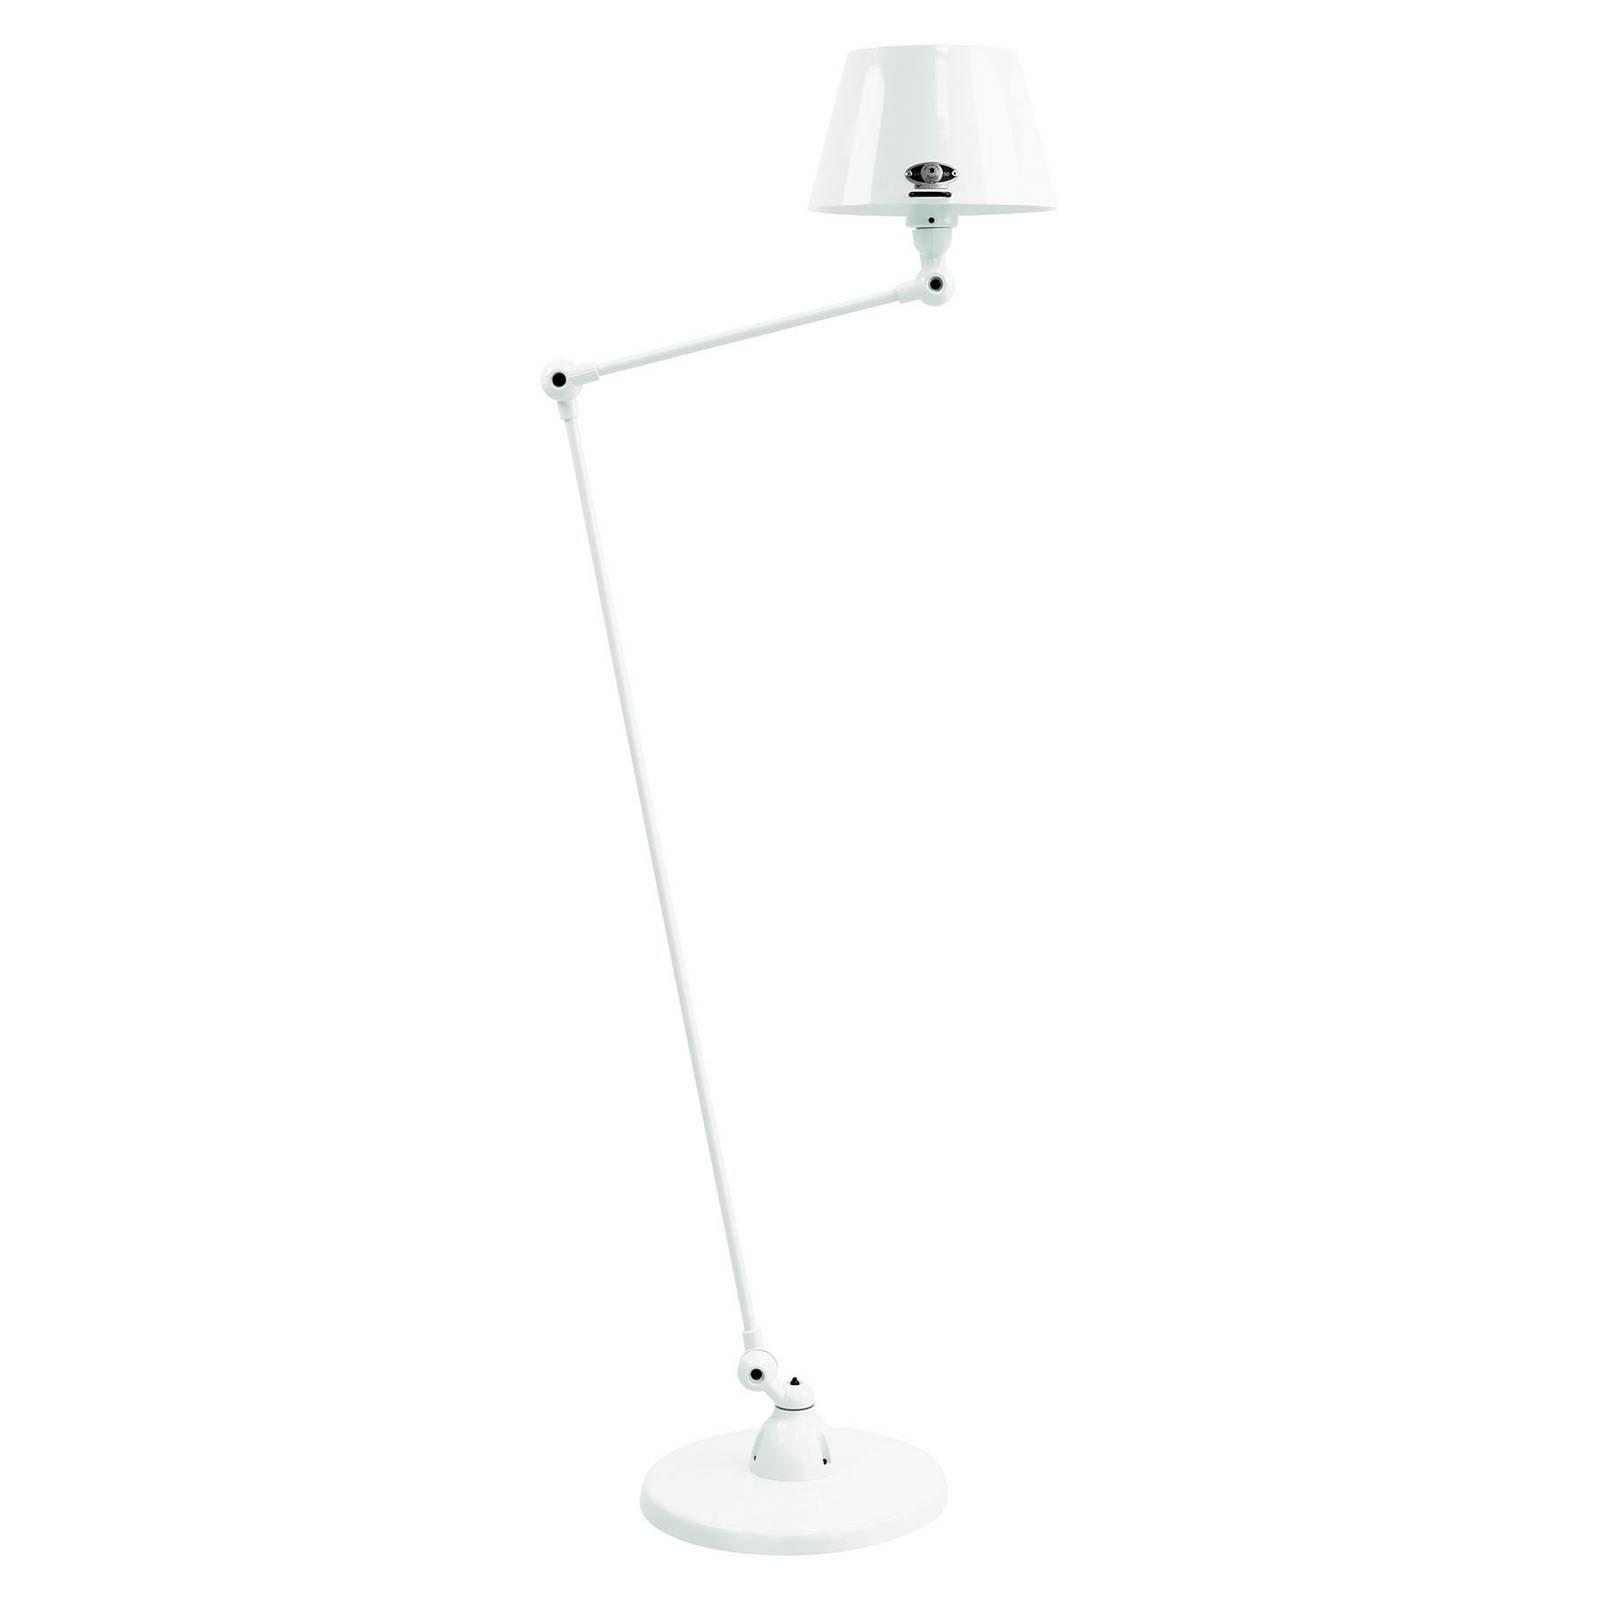 Jieldé Aicler AID833 gulvlampe, 80+30 cm, hvit